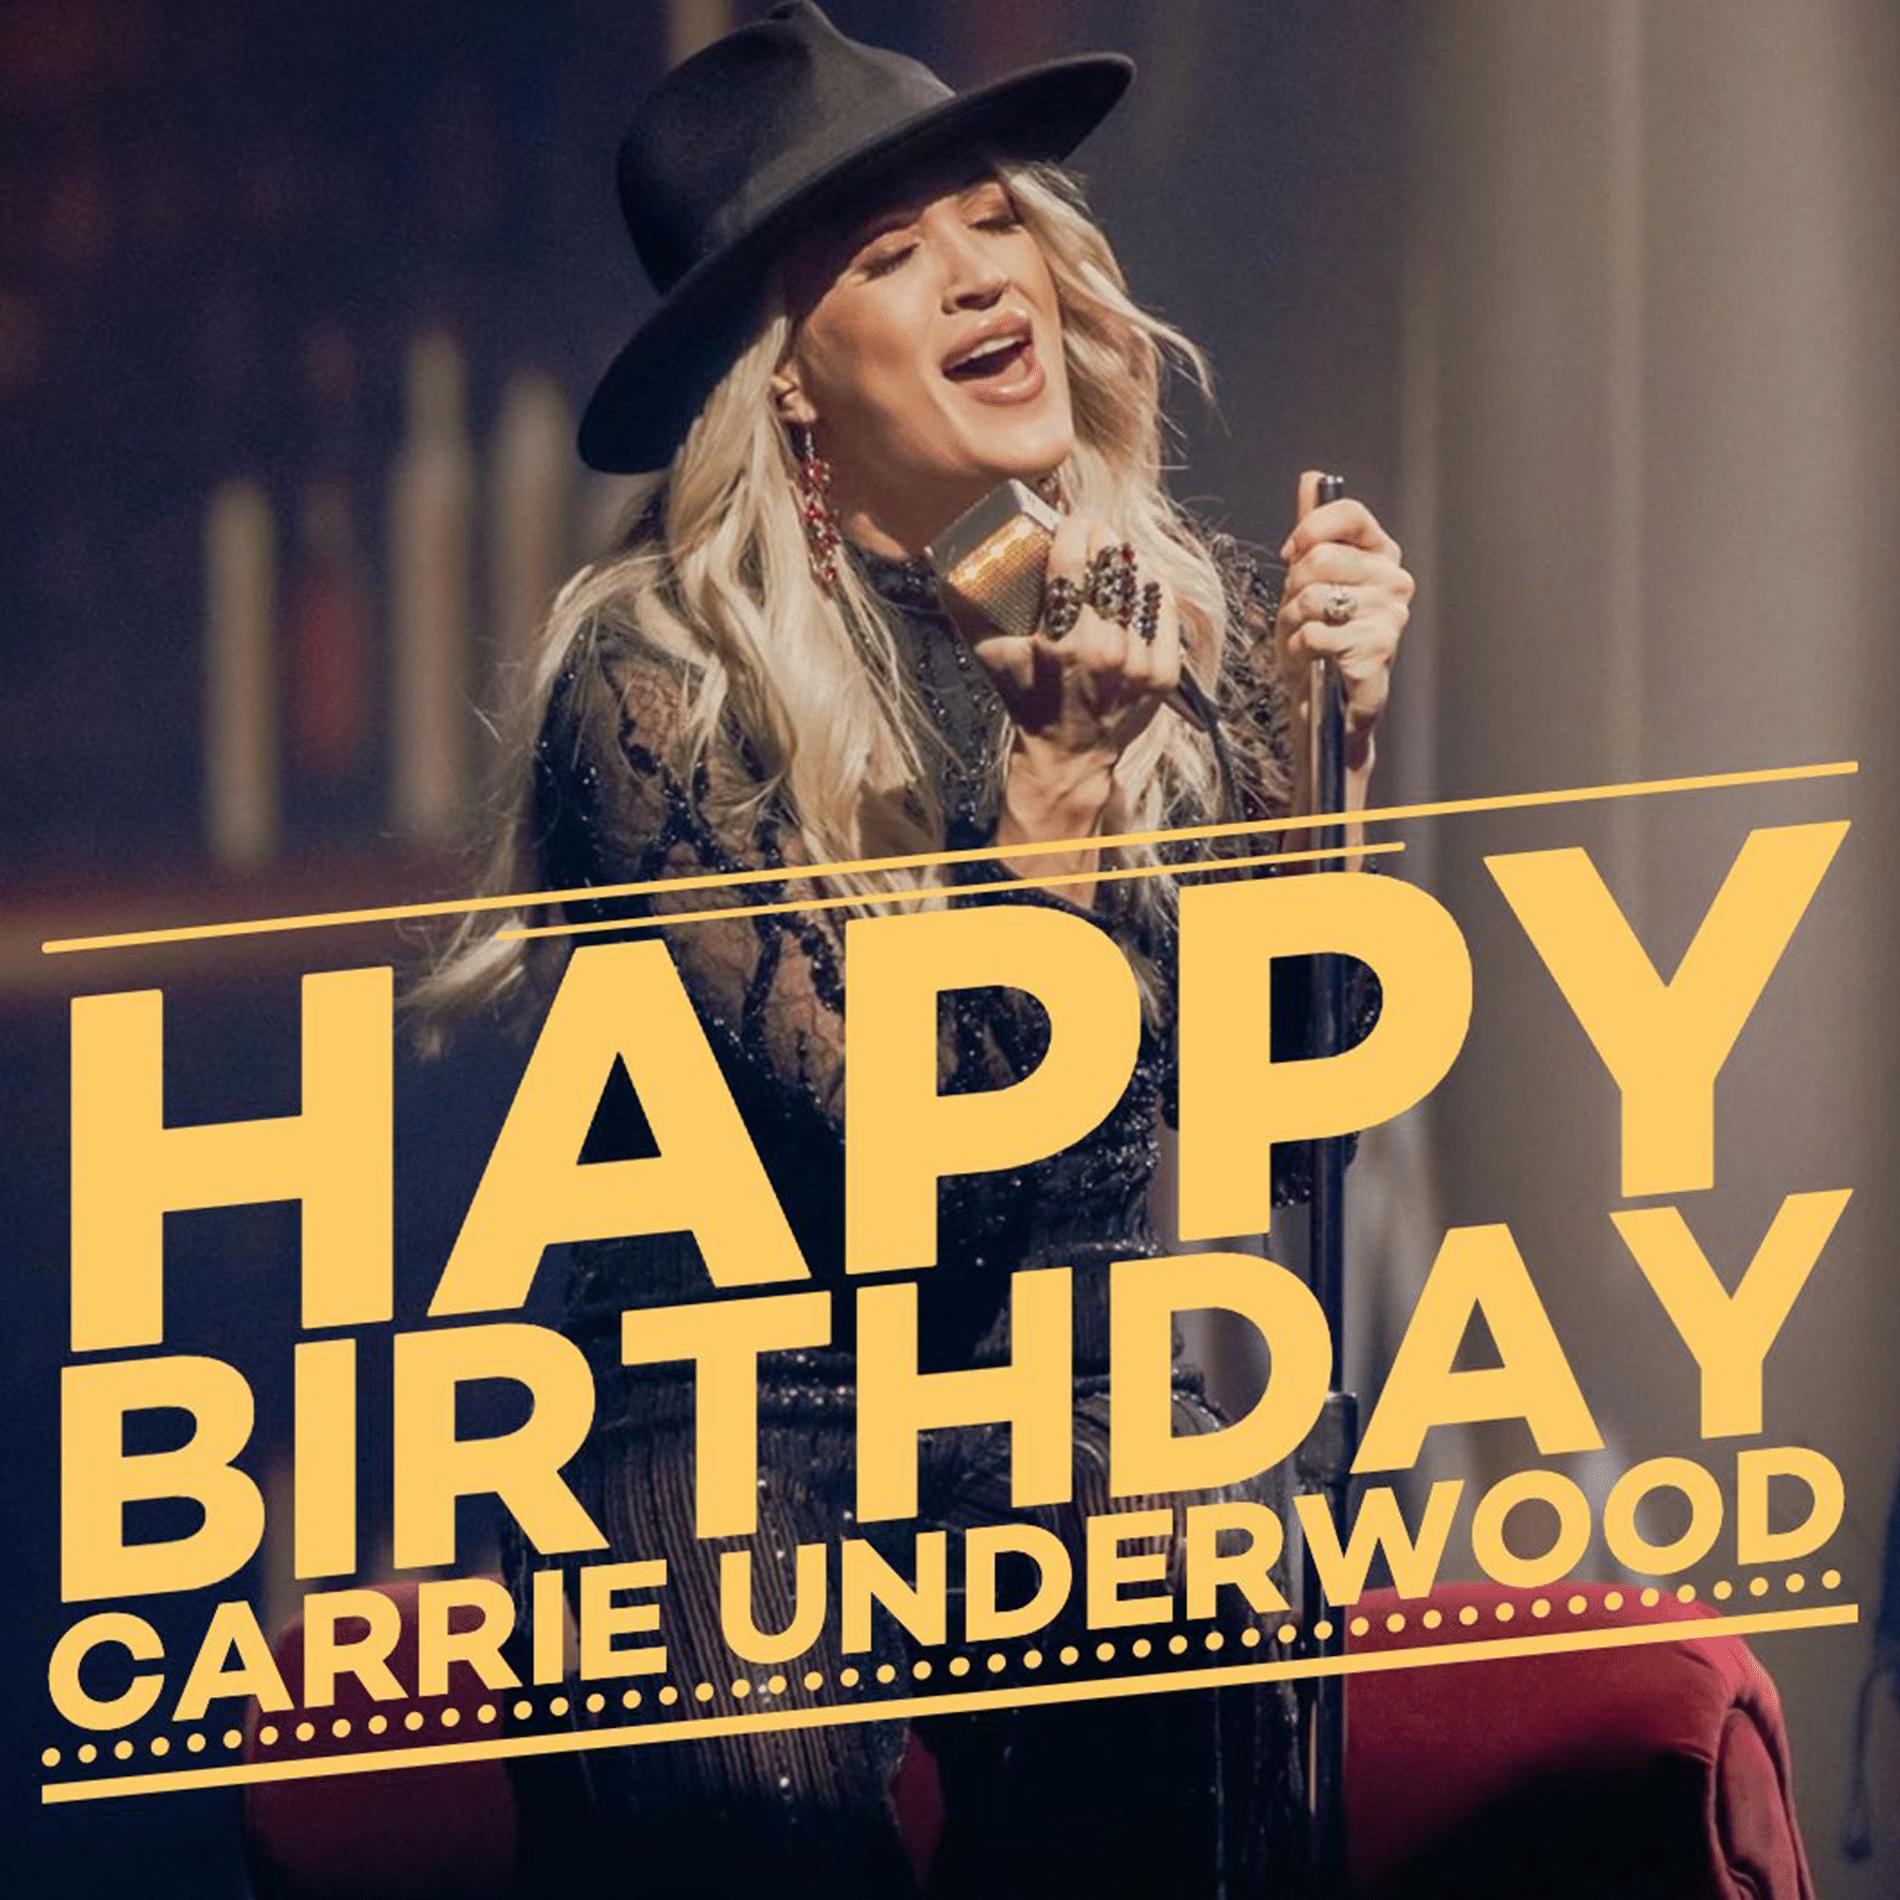 Happy Birthday Carrie Underwood